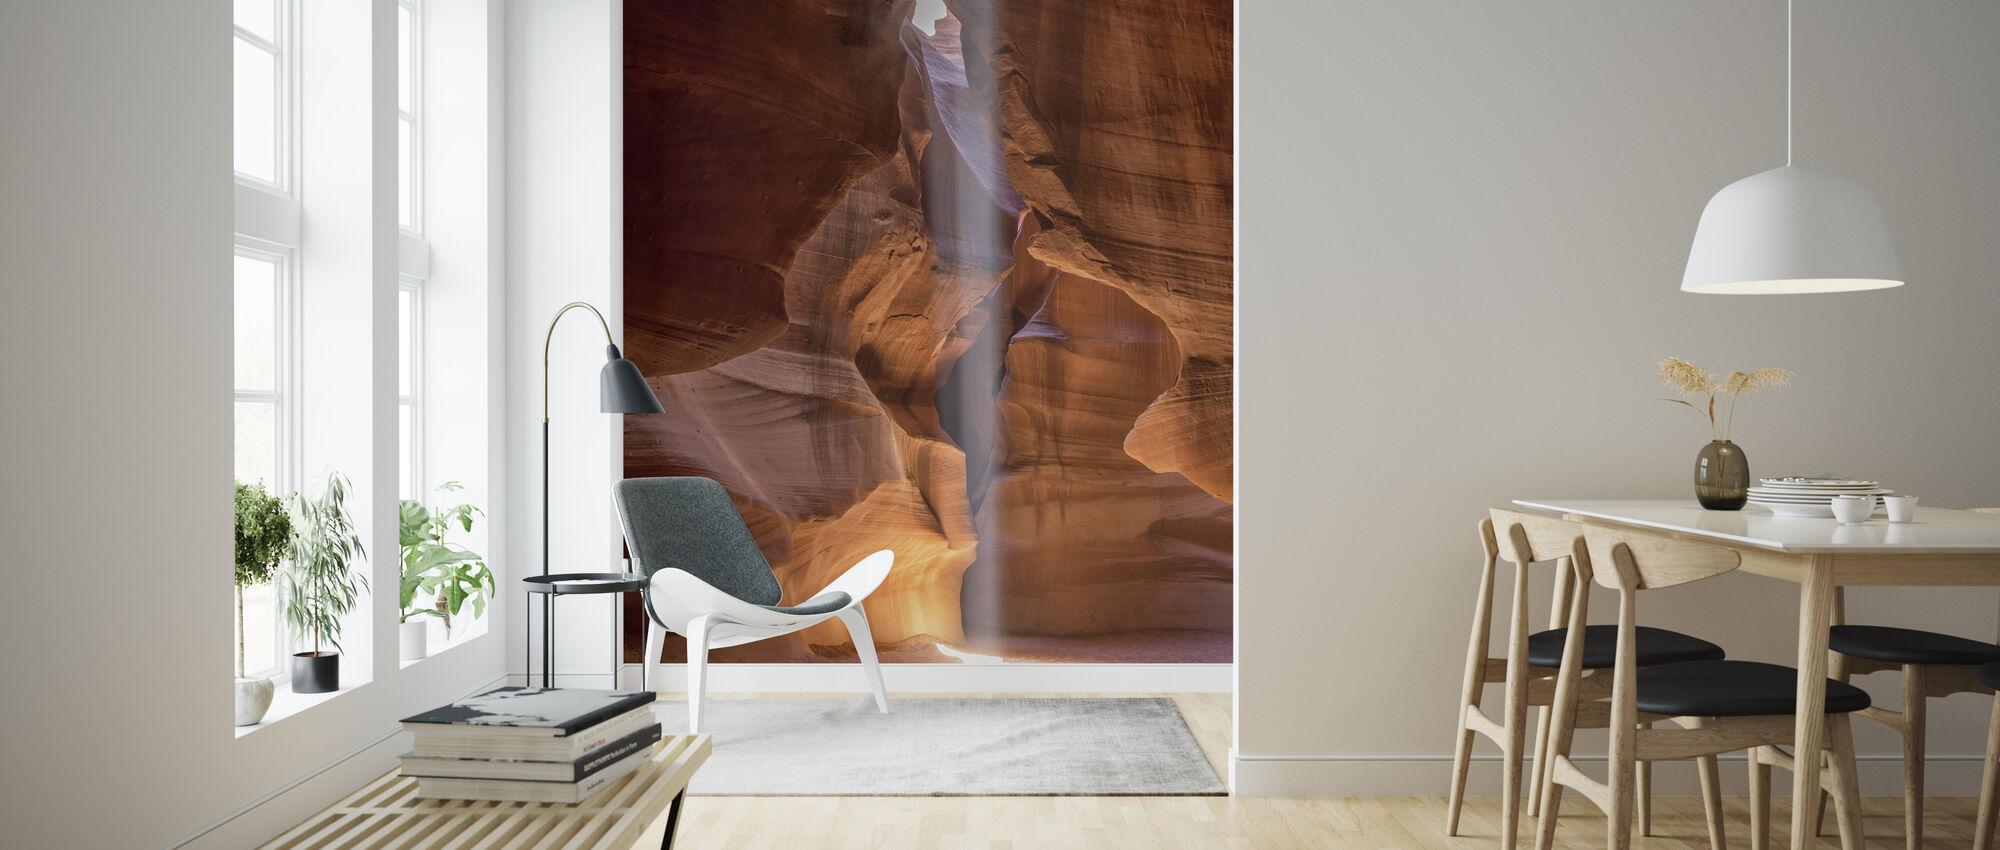 The Light Beam - Wallpaper - Living Room